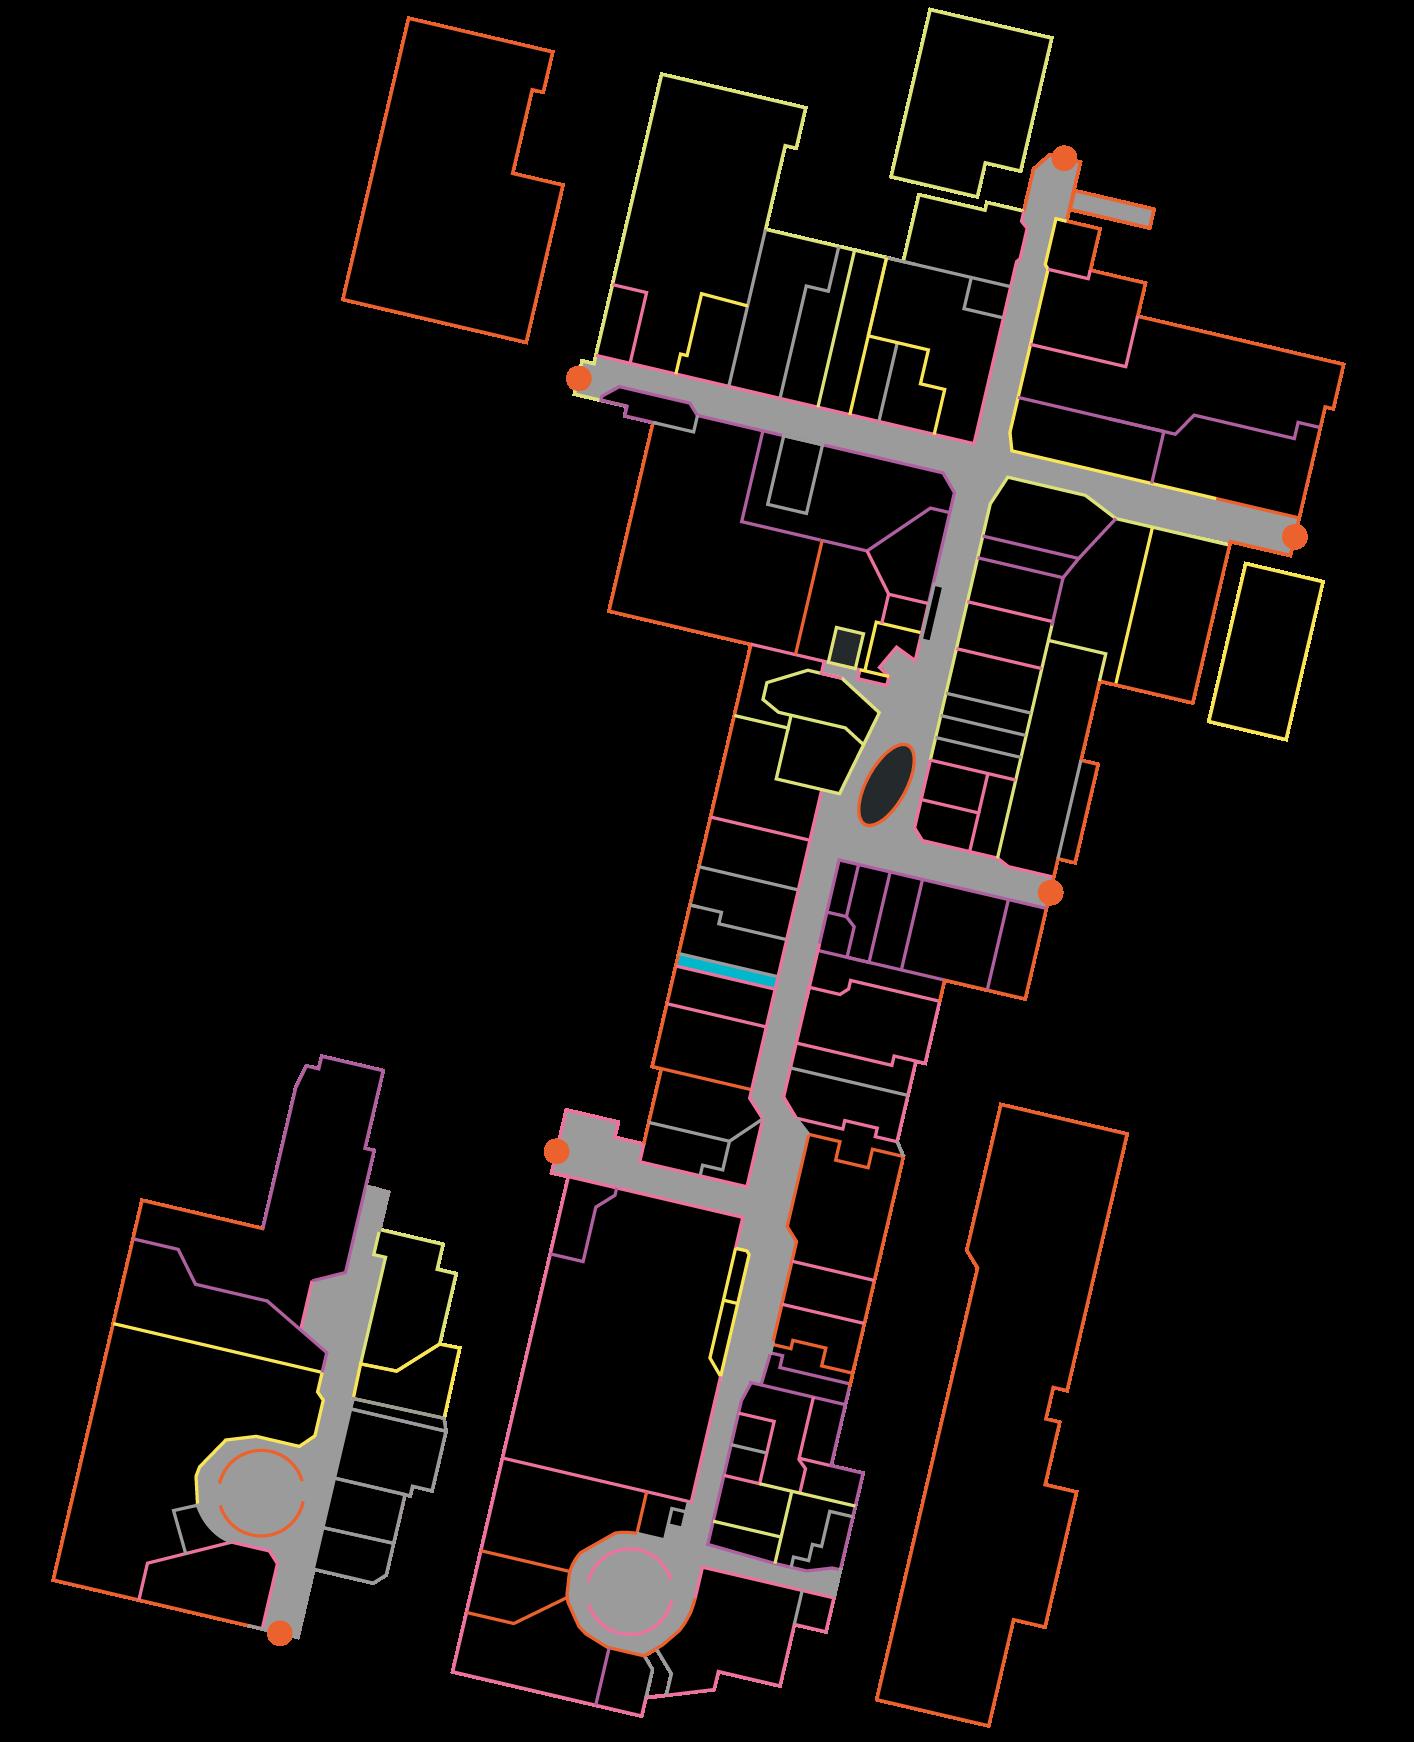 Fastighetsbyrån karta